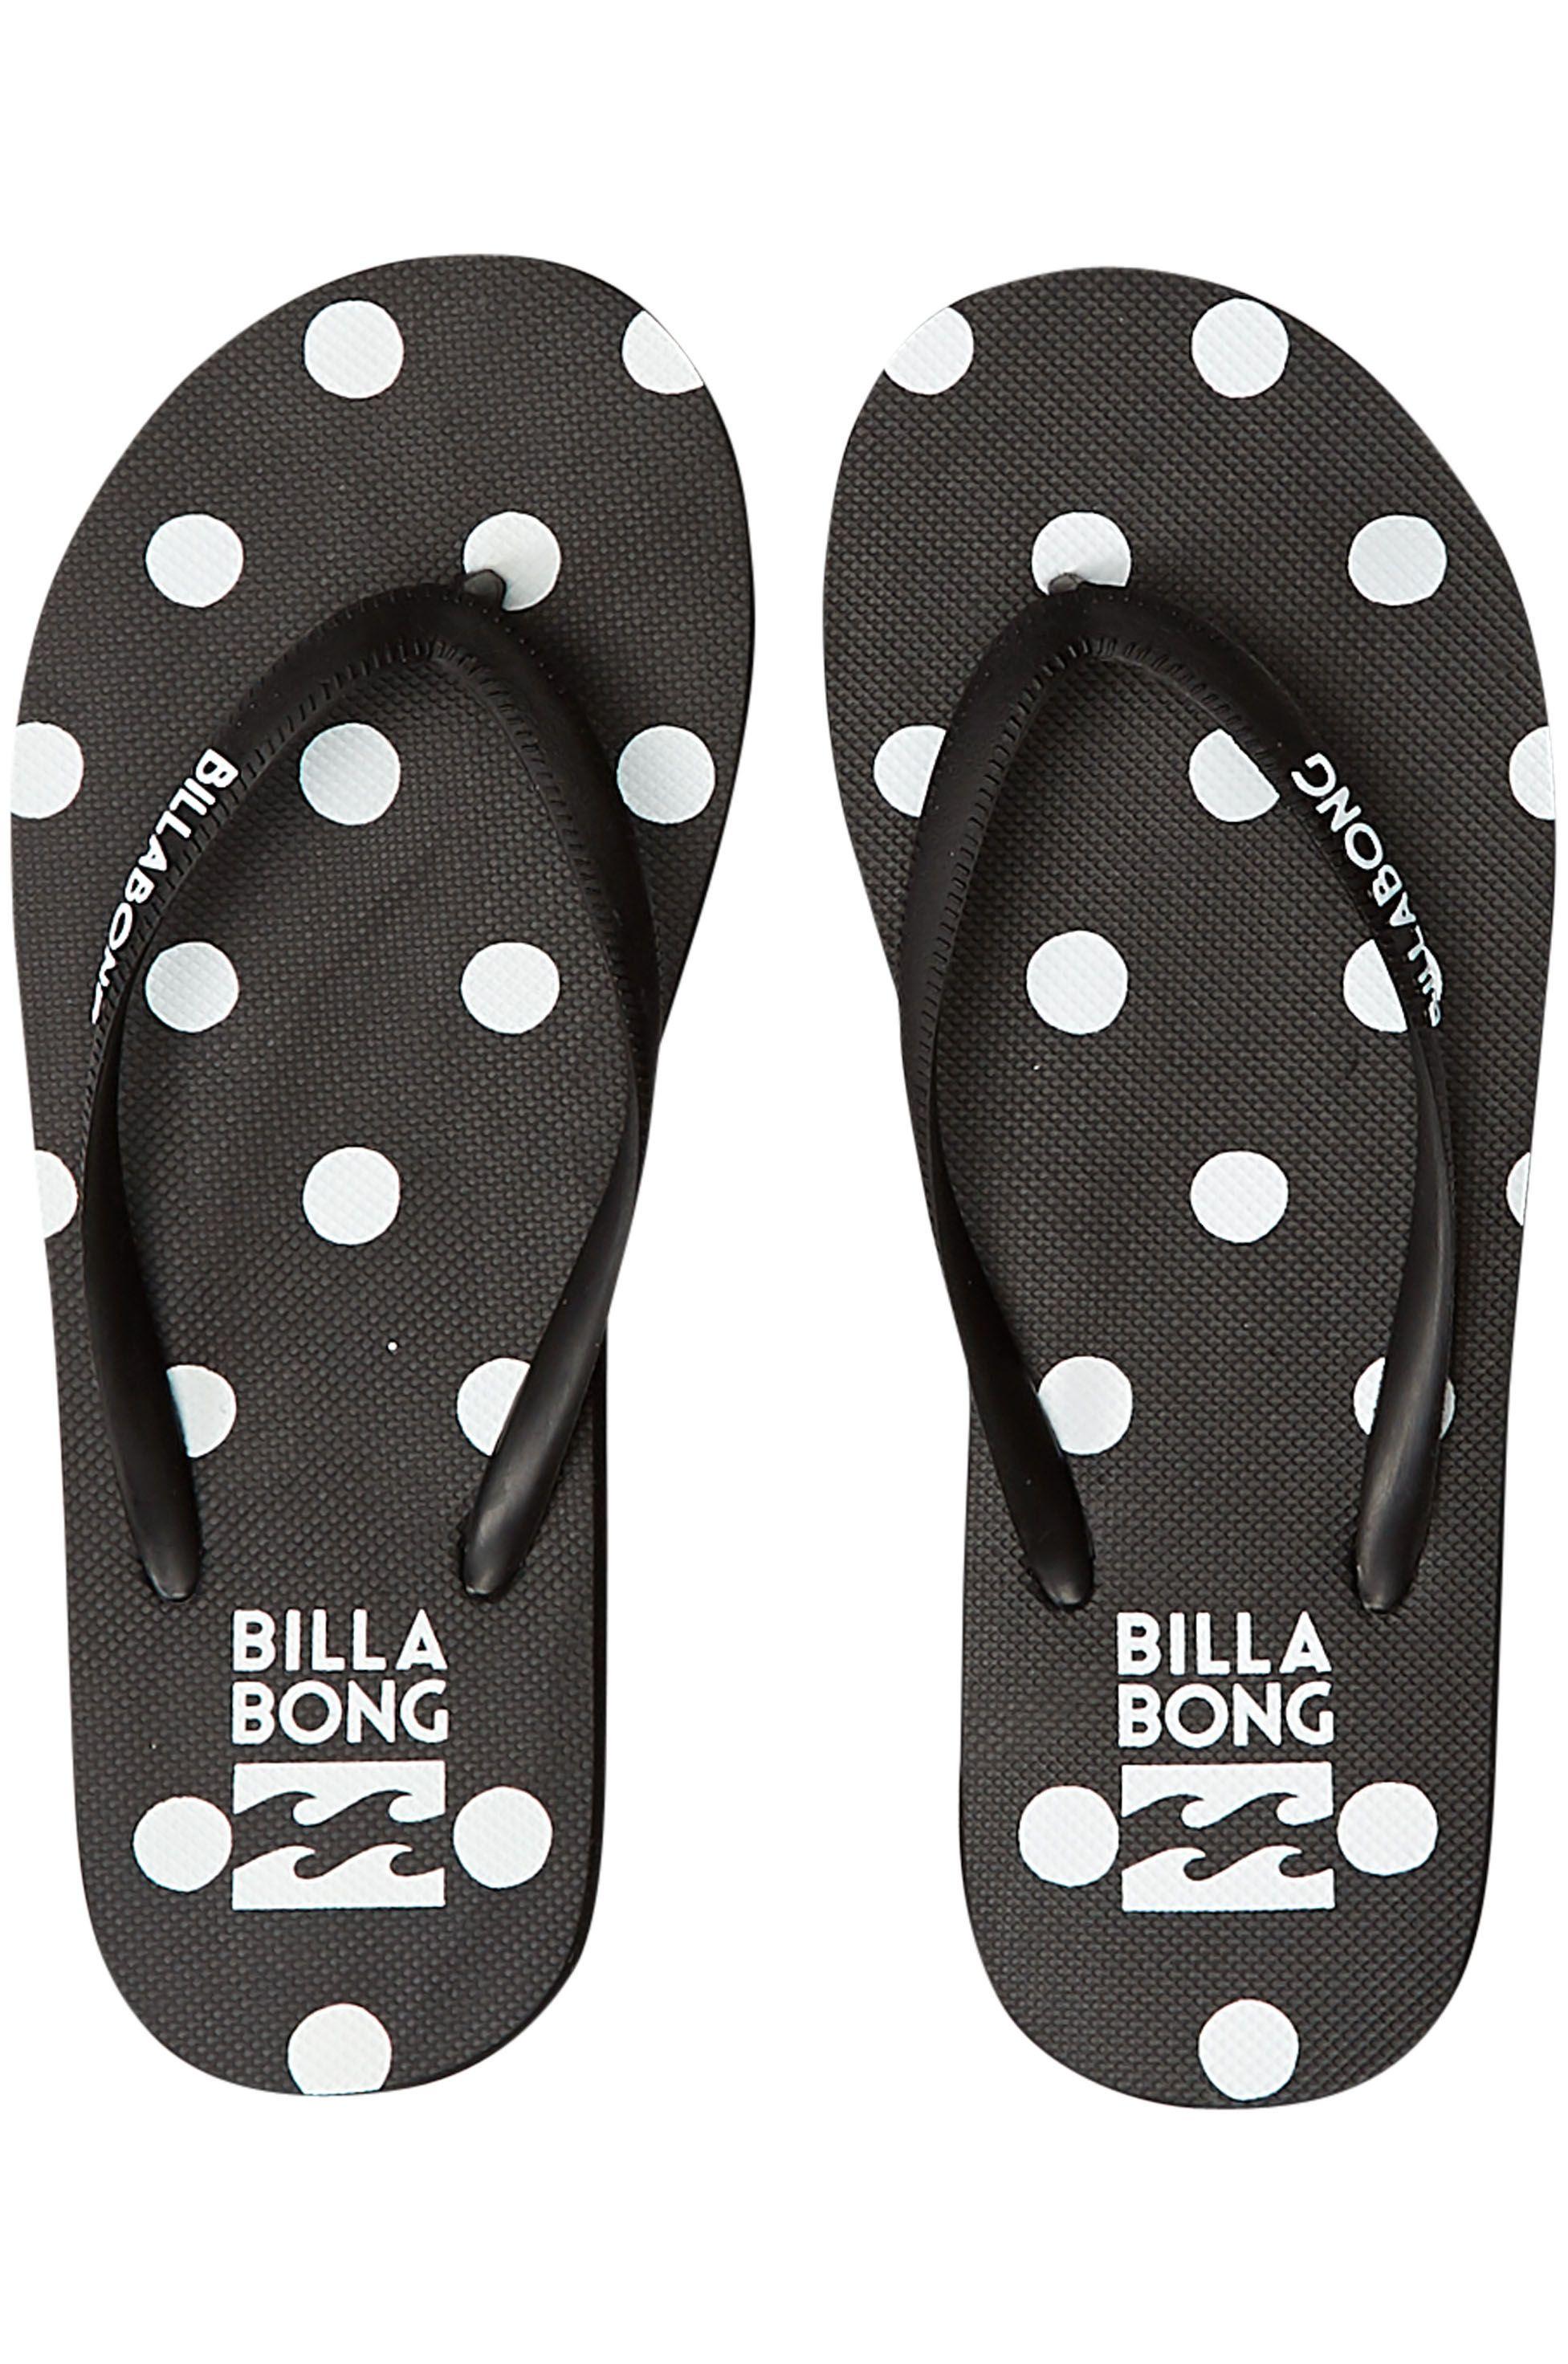 Billabong Sandals DAMA COSTA DEL SOL Black